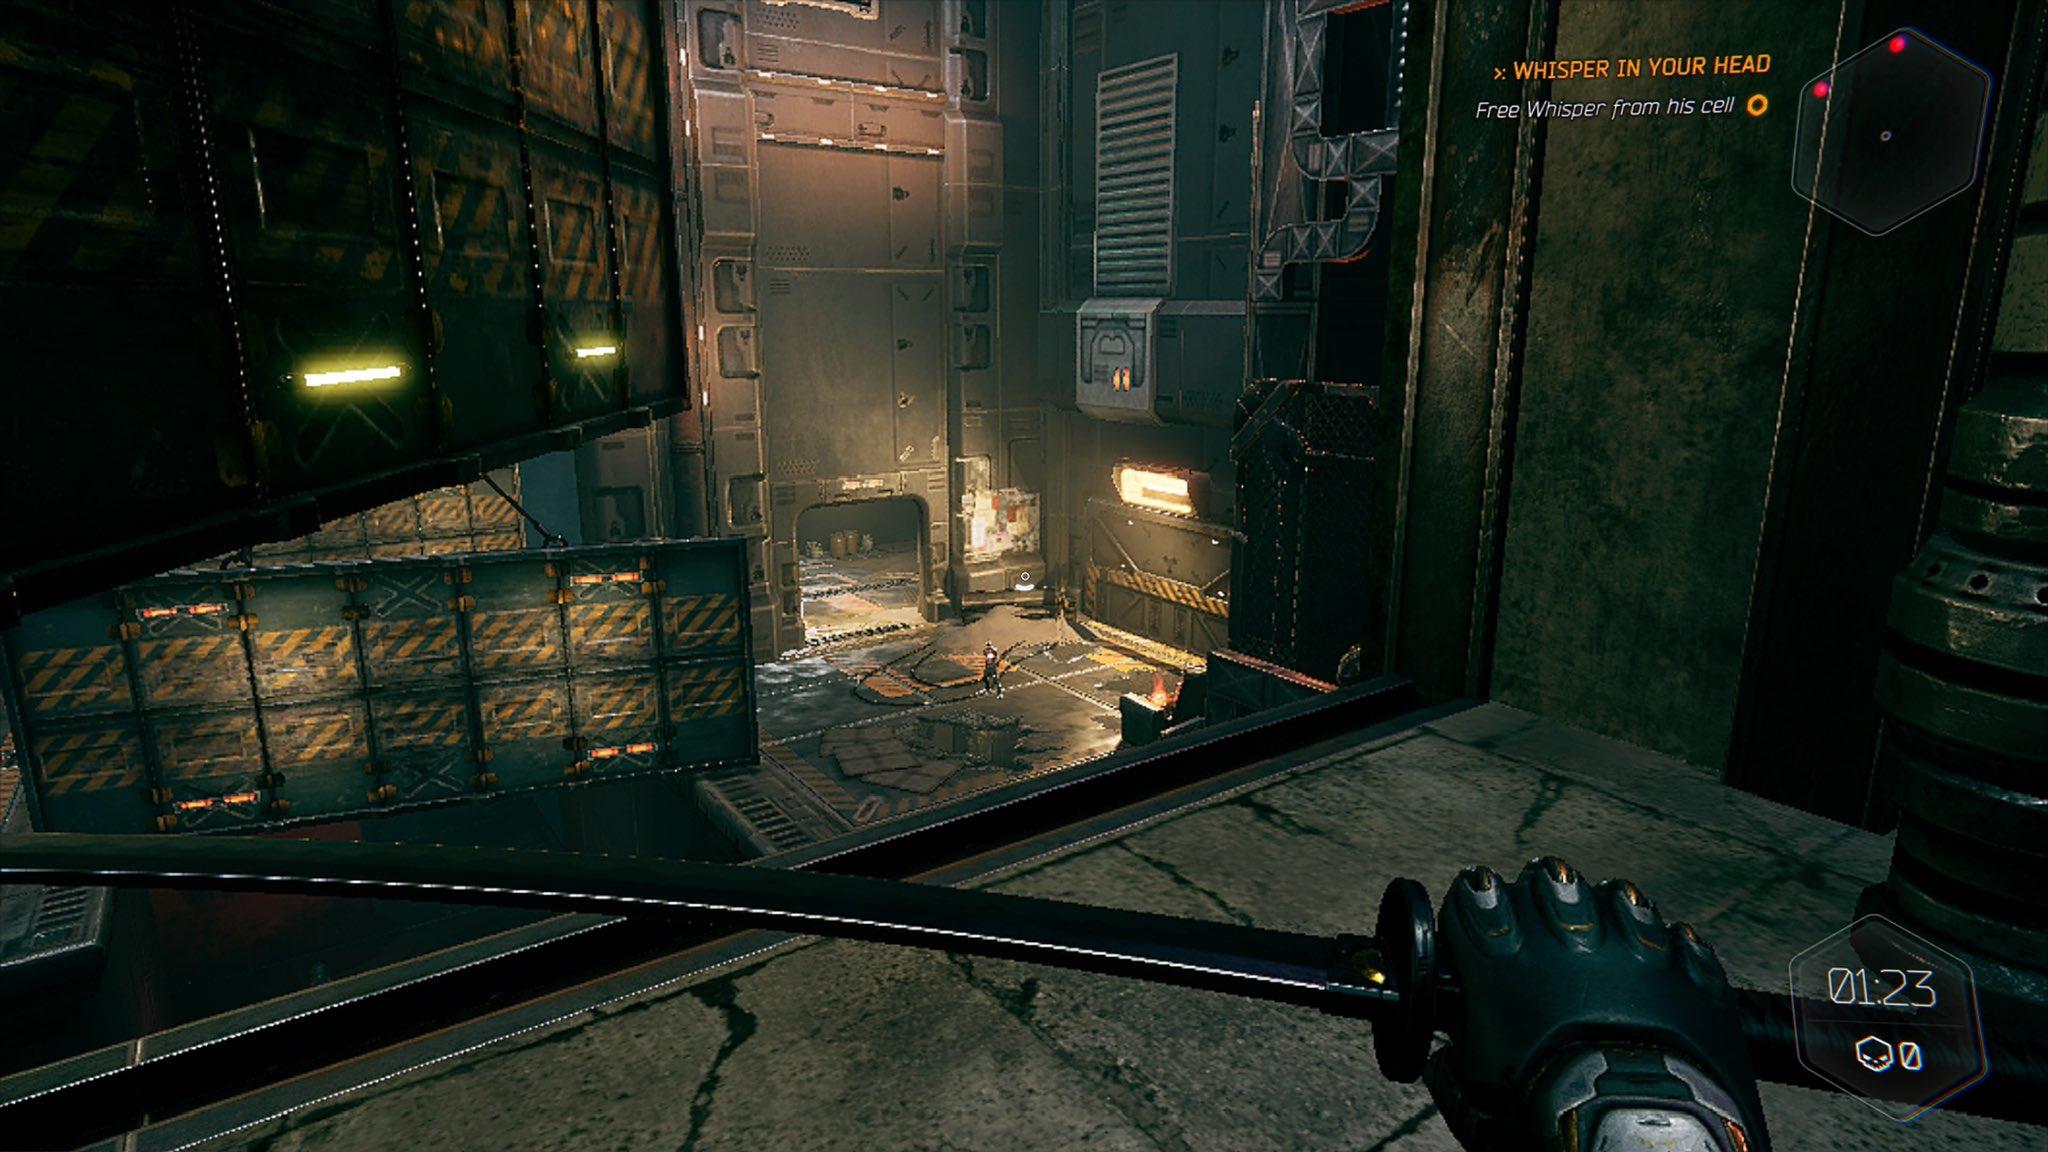 《幽灵行者》PS4 Pro版优化有问题 图形性能表现差